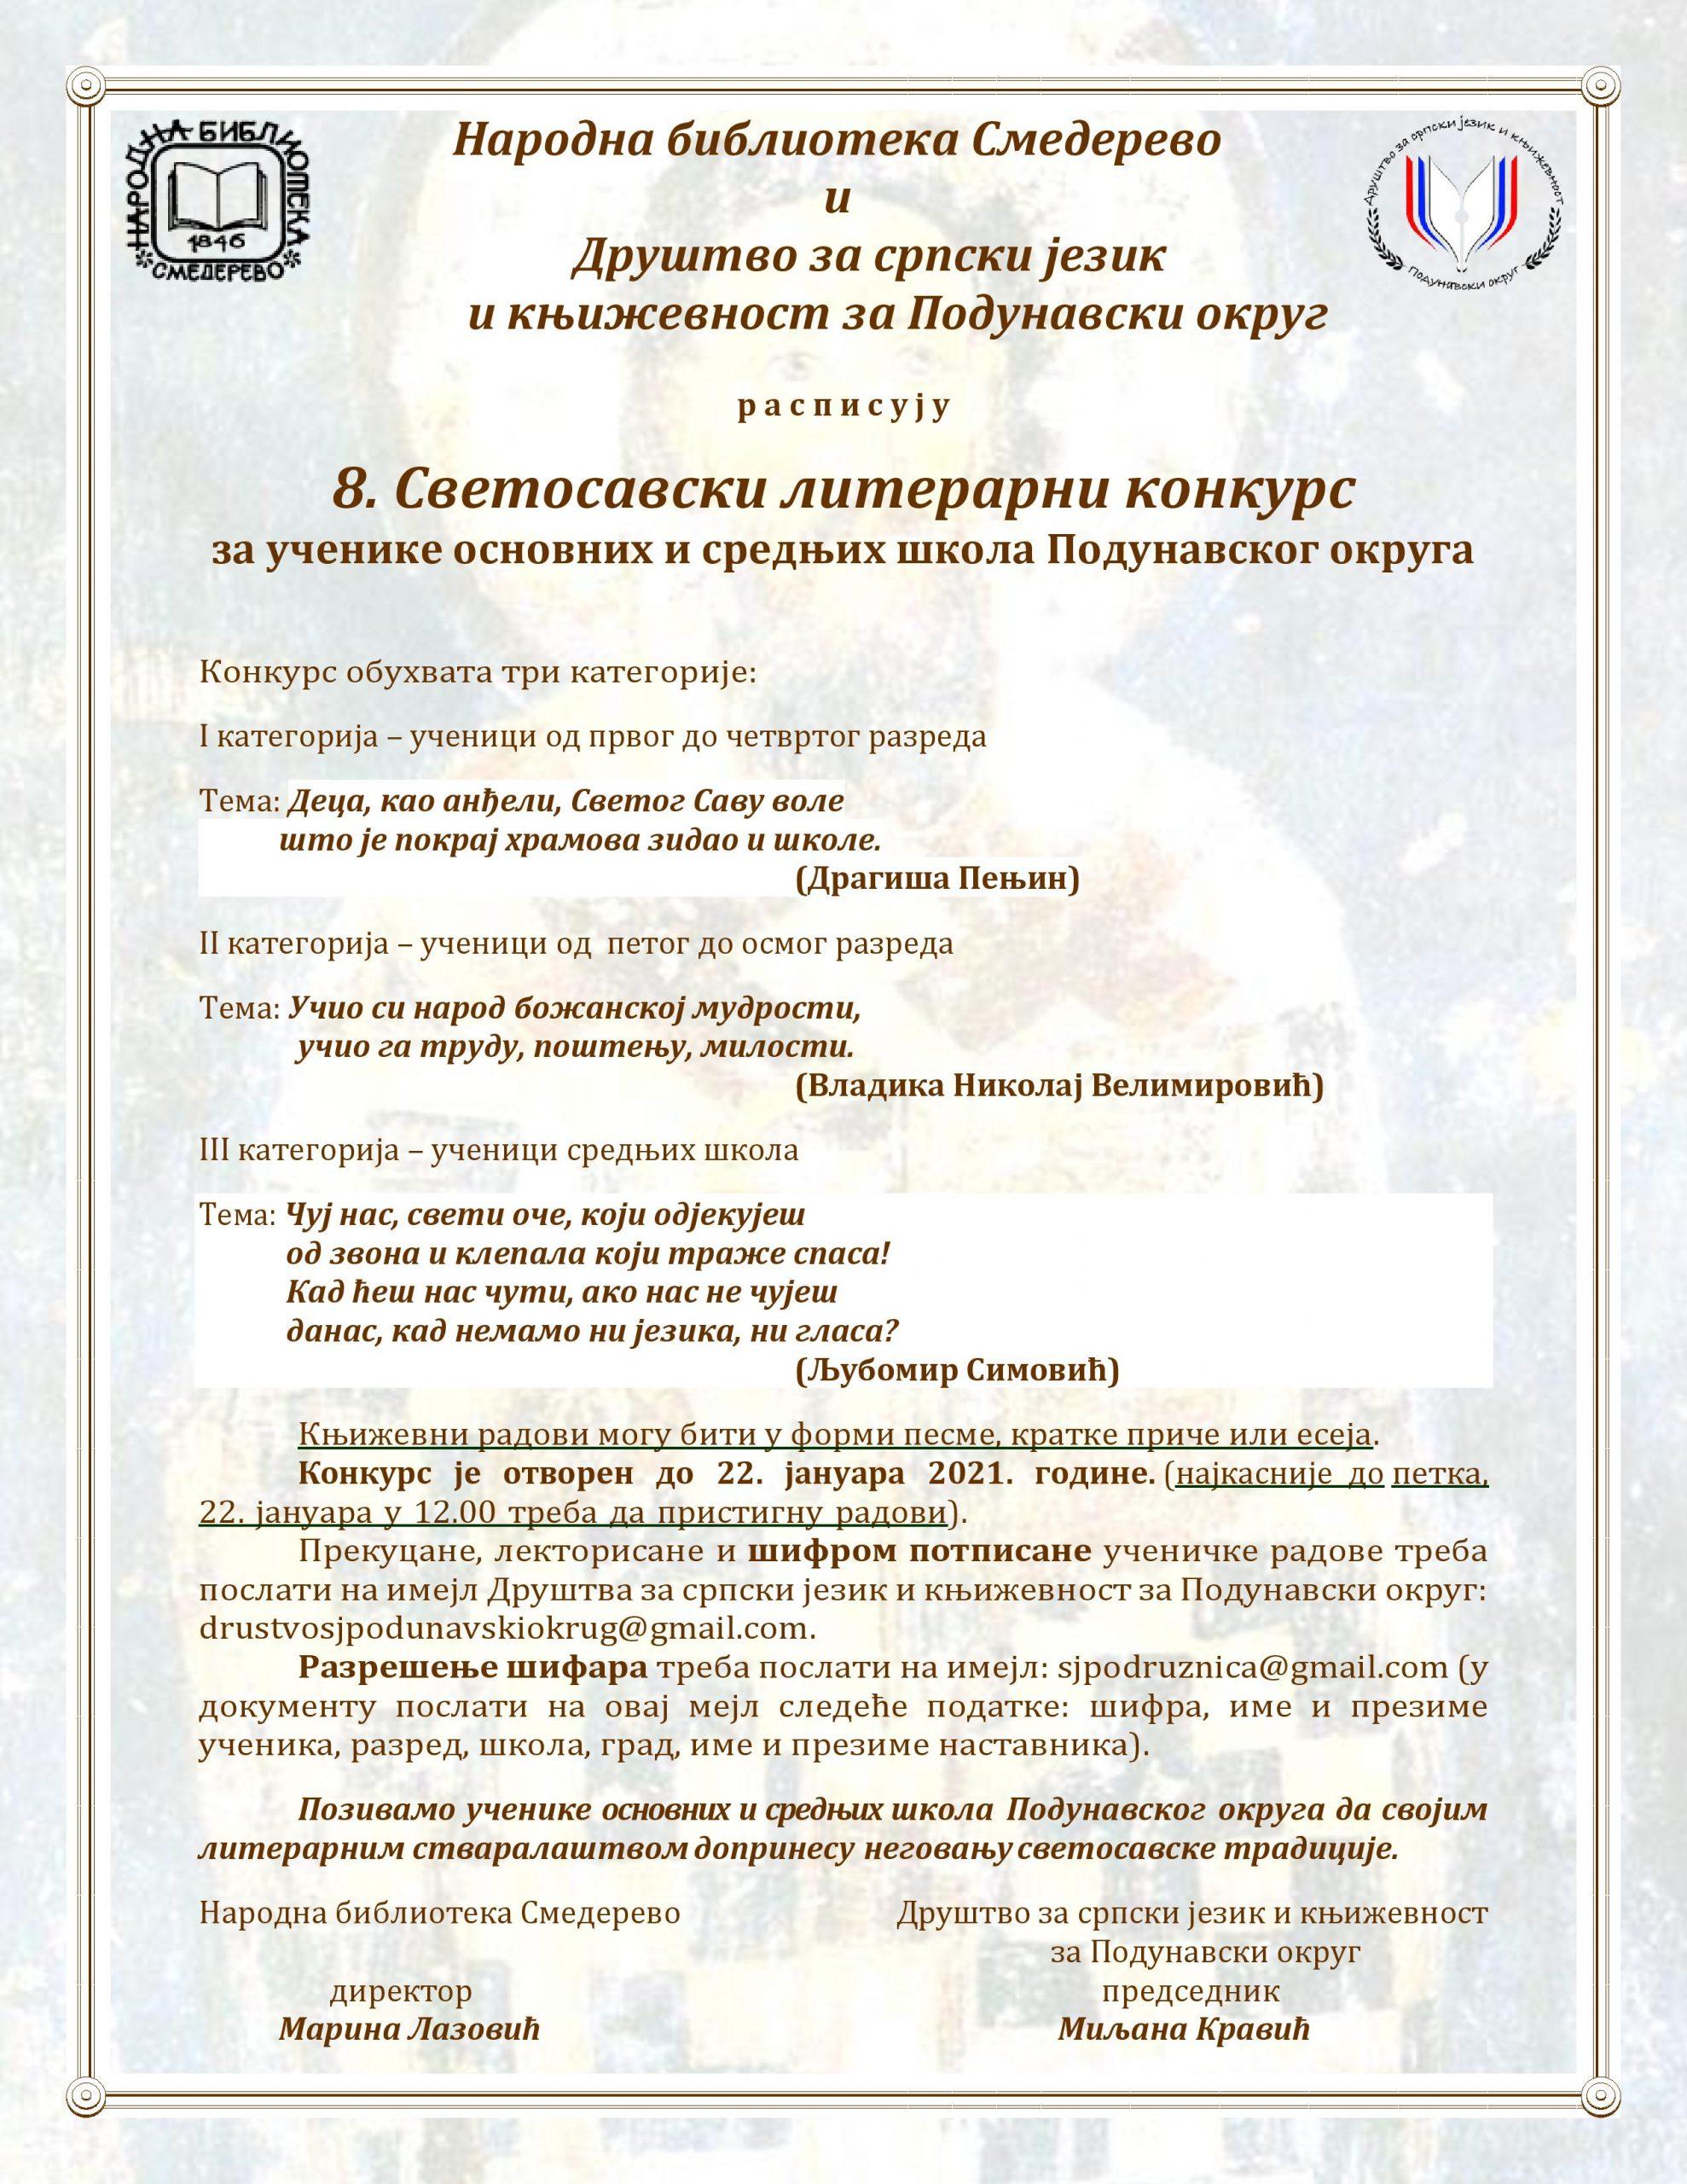 8. Светосавски литерарни конкурс Библиотеке и Друштва